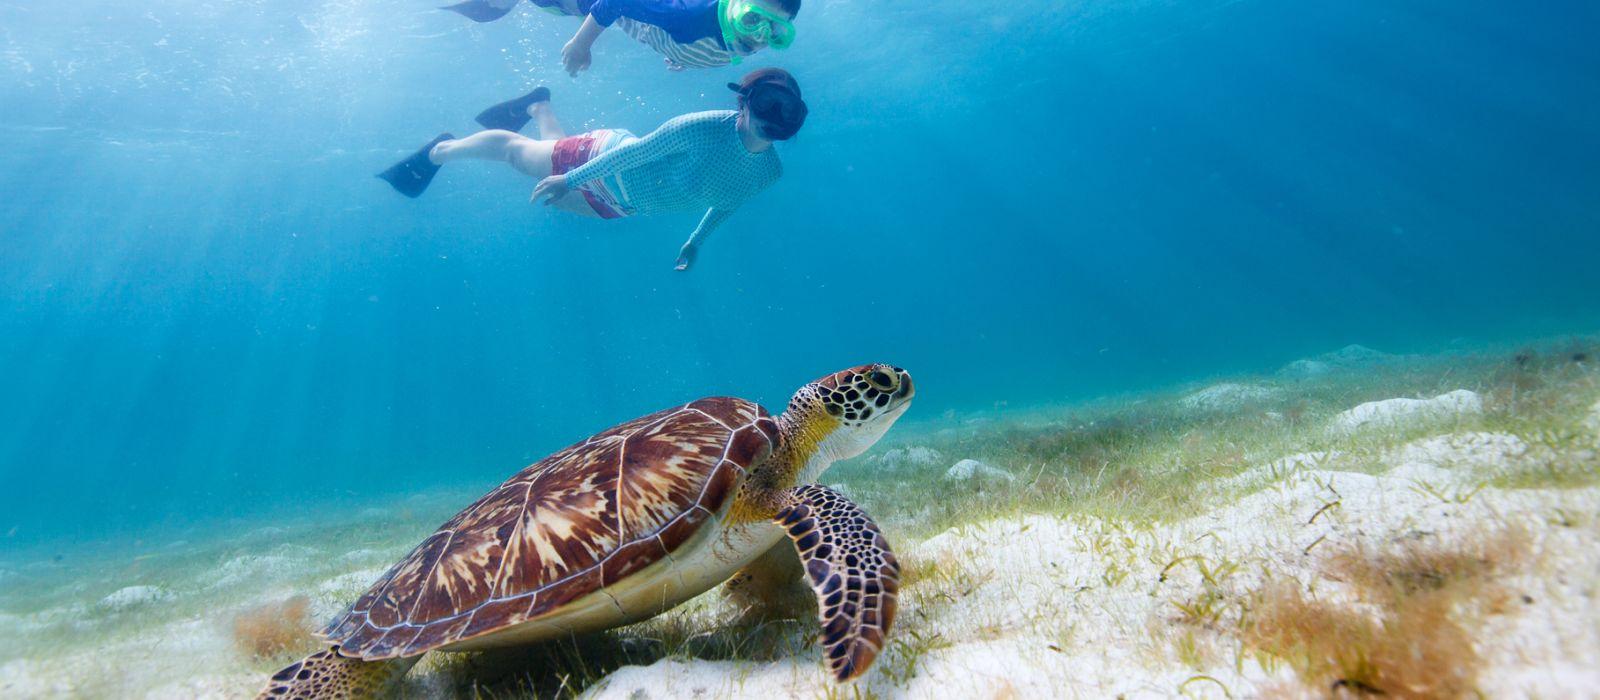 Unterwasseraufnahme einer Schildkröte und zweier tauchender Kinder vor den Galapagos-Inseln, Ecuador